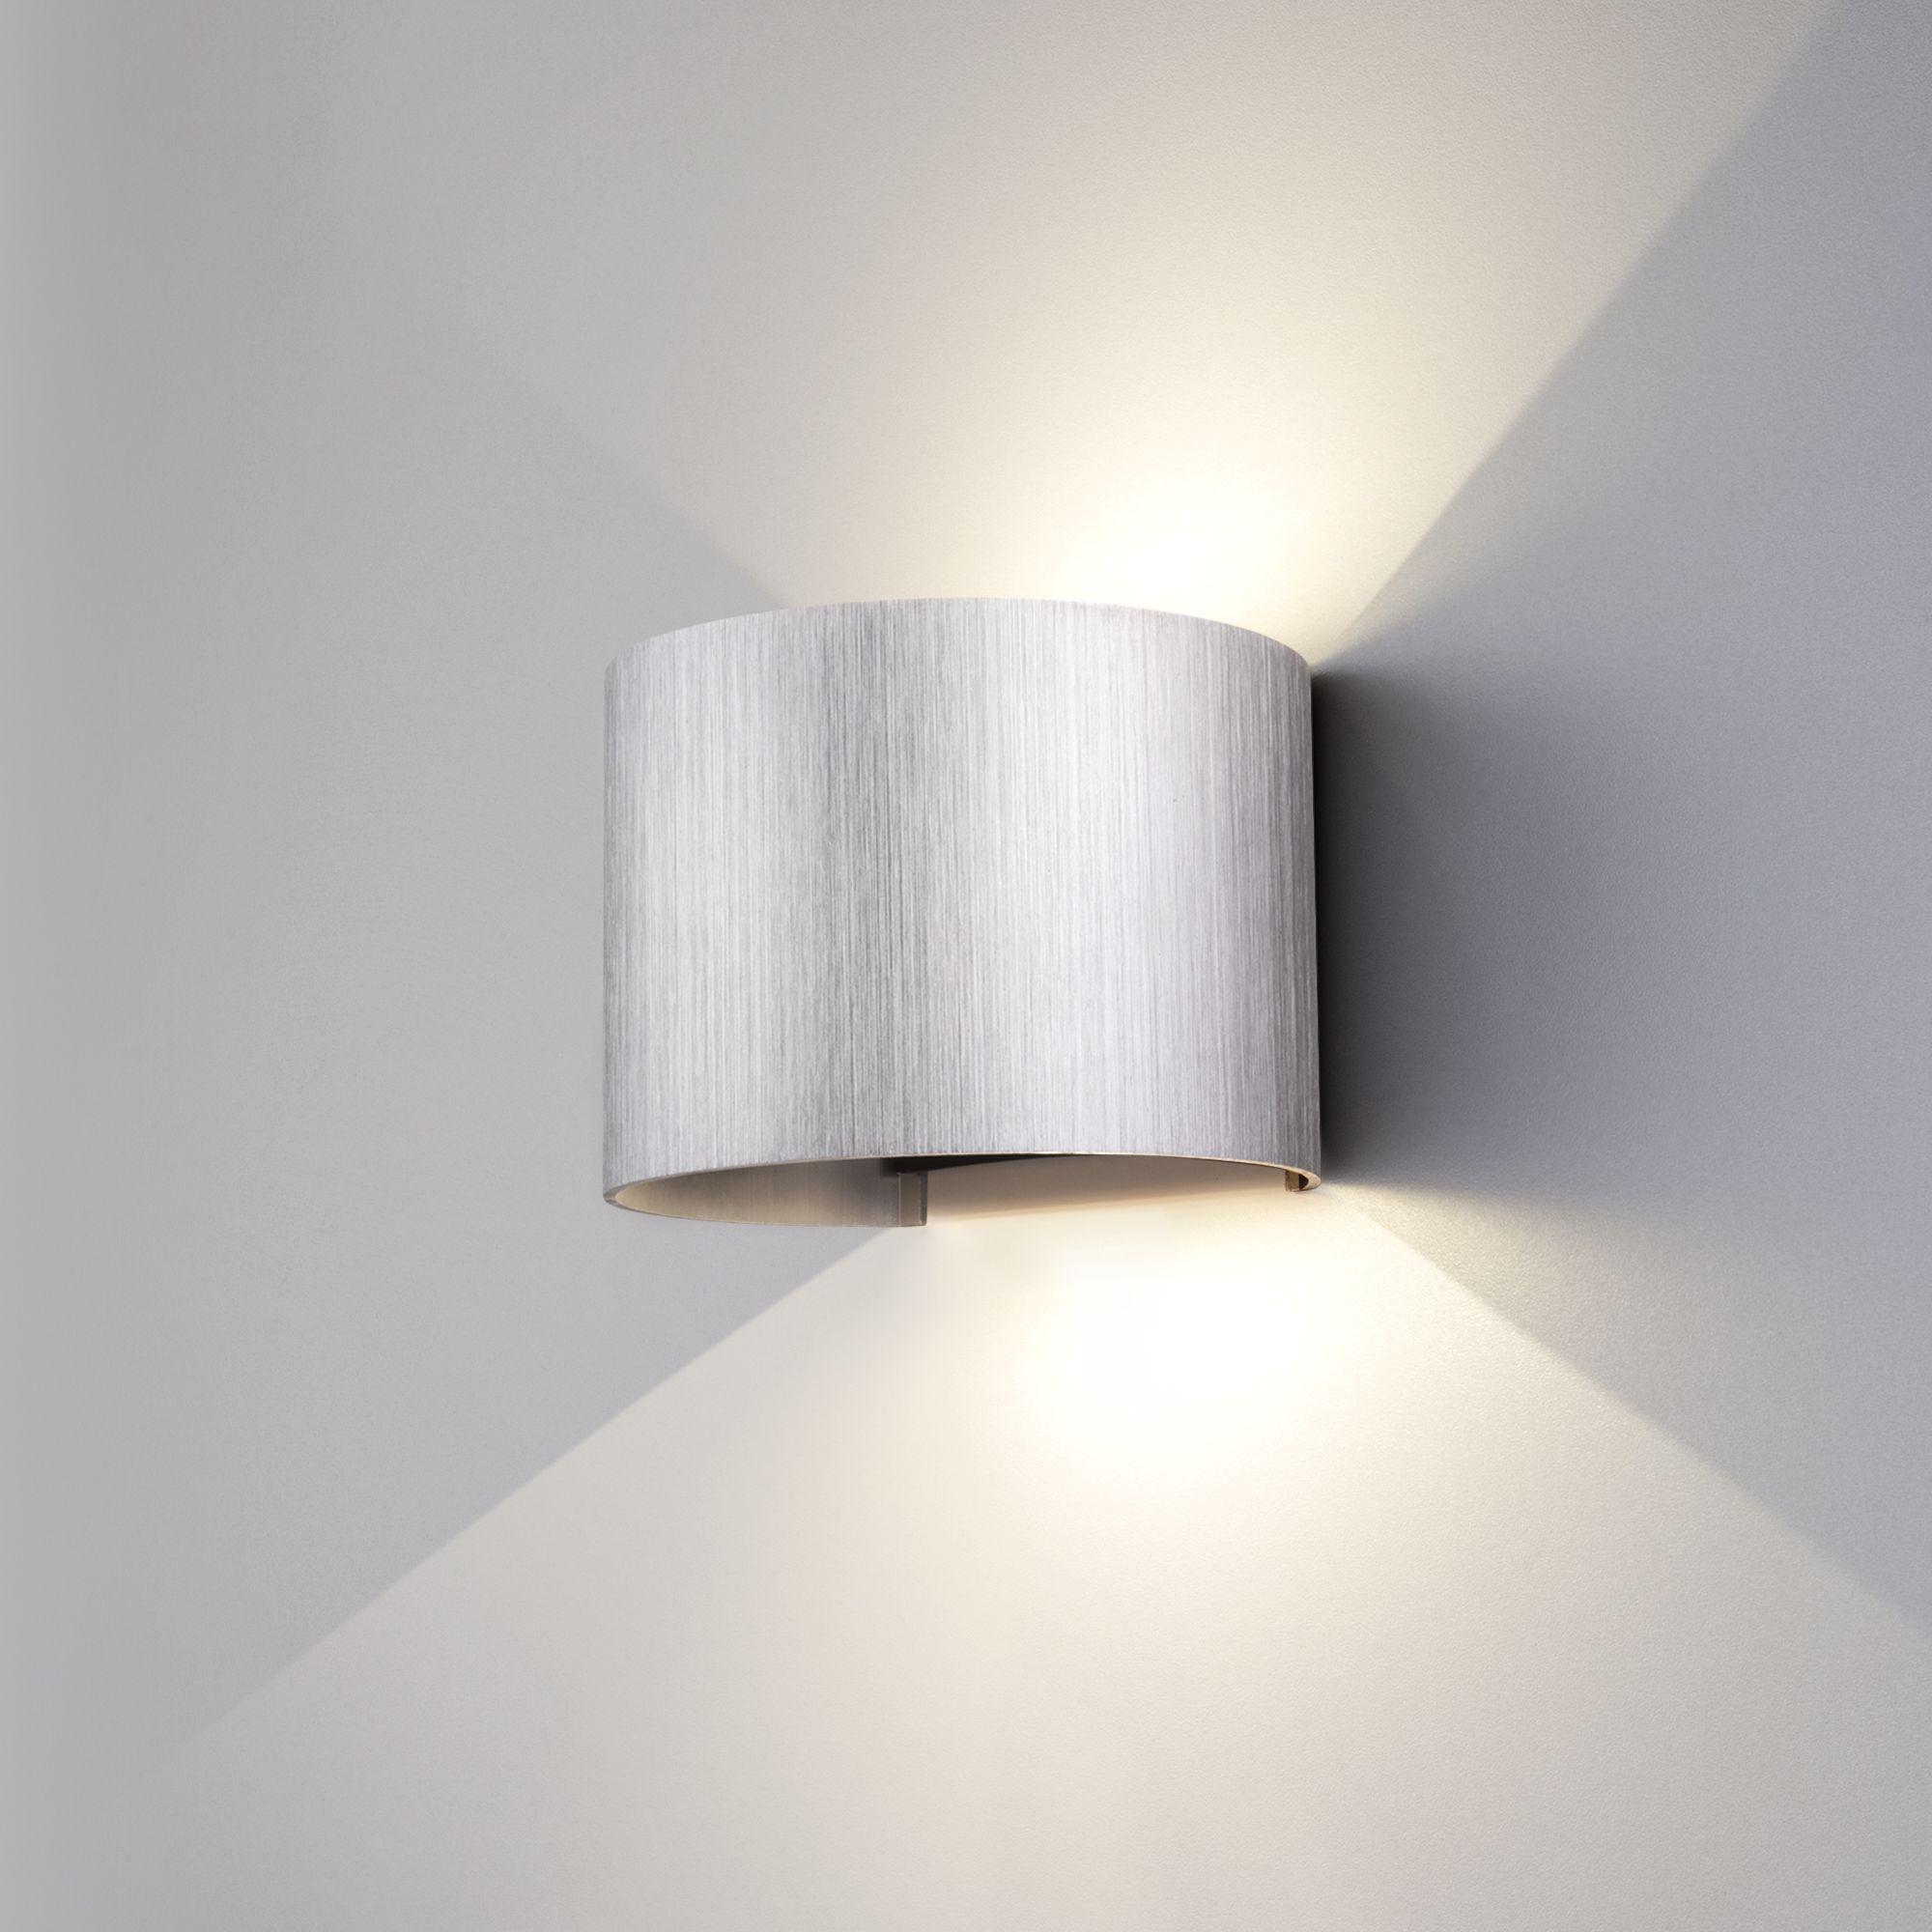 Уличный настенный светодиодный светильник 1518 TECHNO LED BLADE алюминий 1518 TECHNO LED